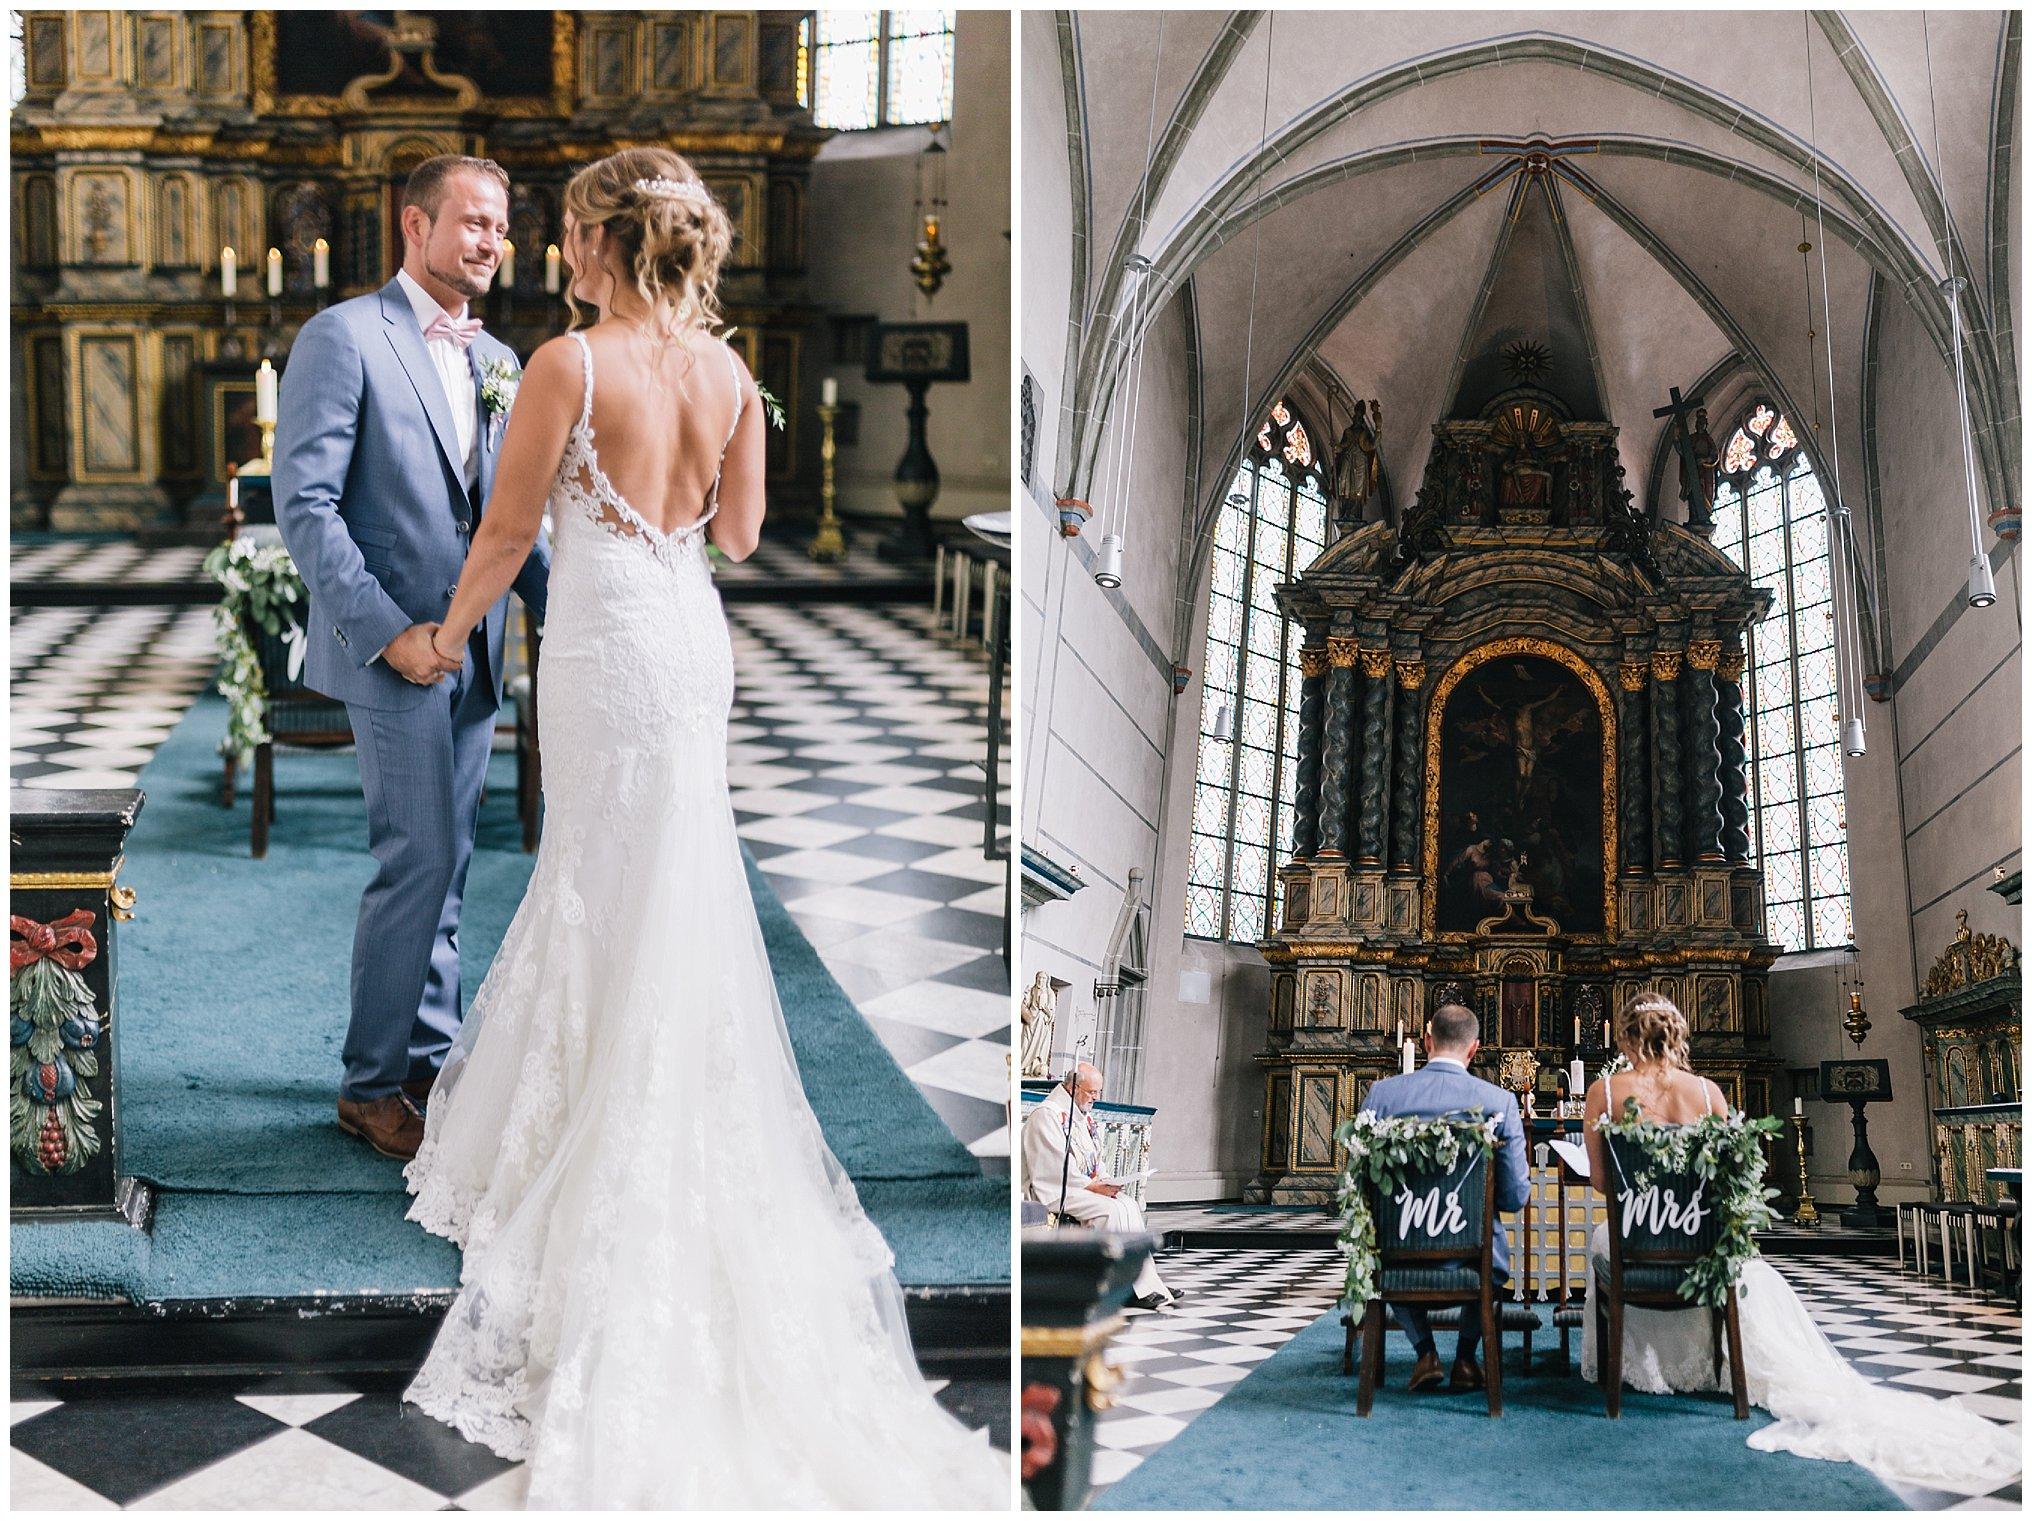 kirchliche hochzeit Golfhotel Vesper Hochzeit Sprockhövel Hochzeitsfotograf Jane Weber boho chic vintage fine art